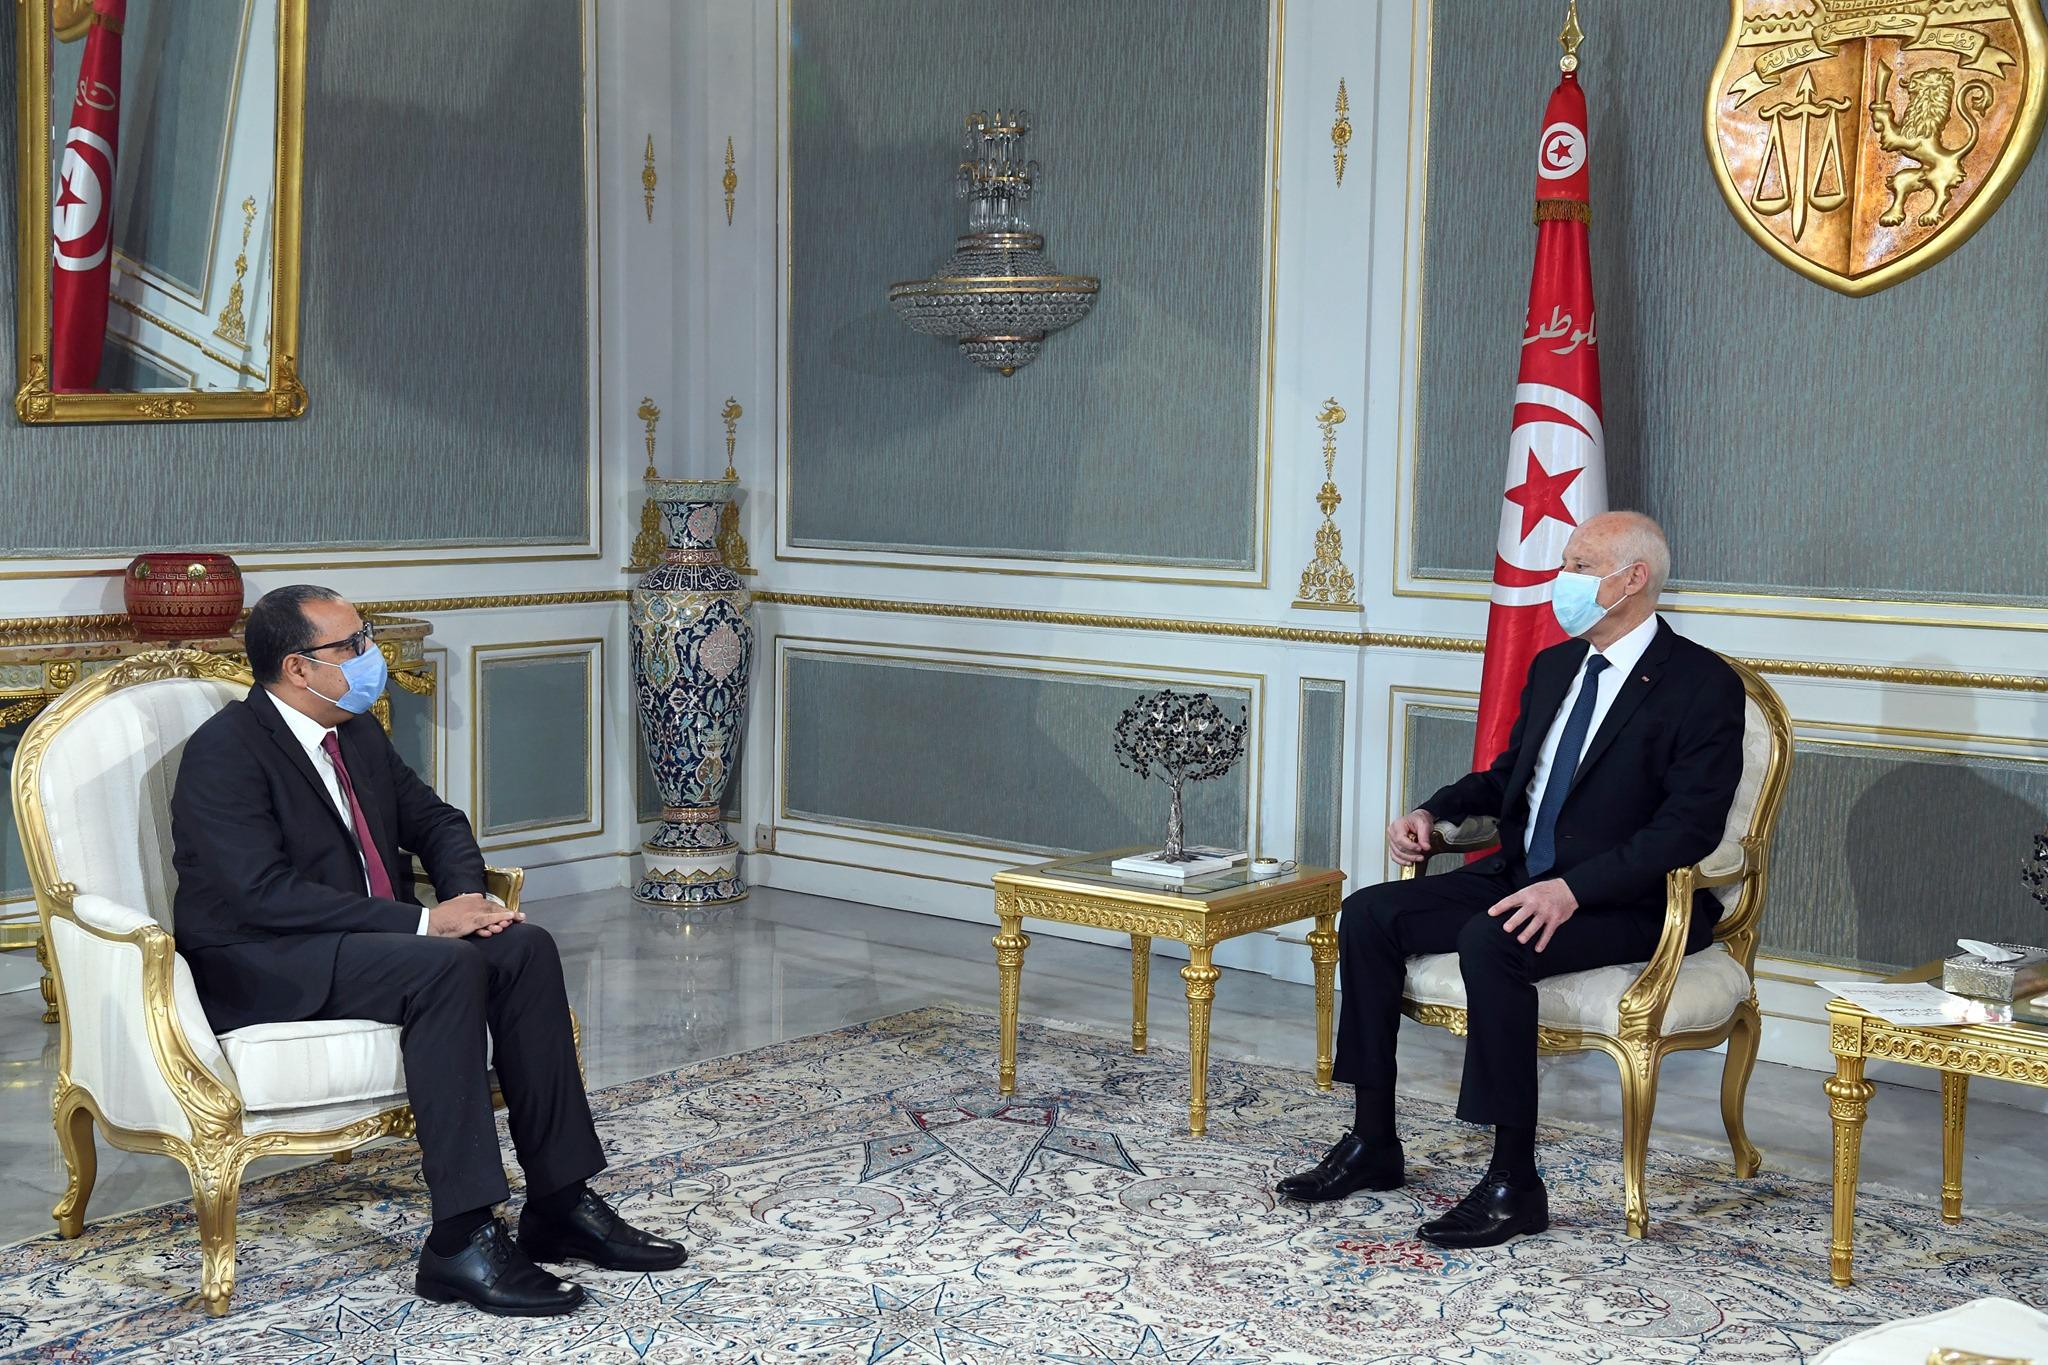 رئيس الجمهورية يلتقي المشيشي المكلف بتكوين الحكومة